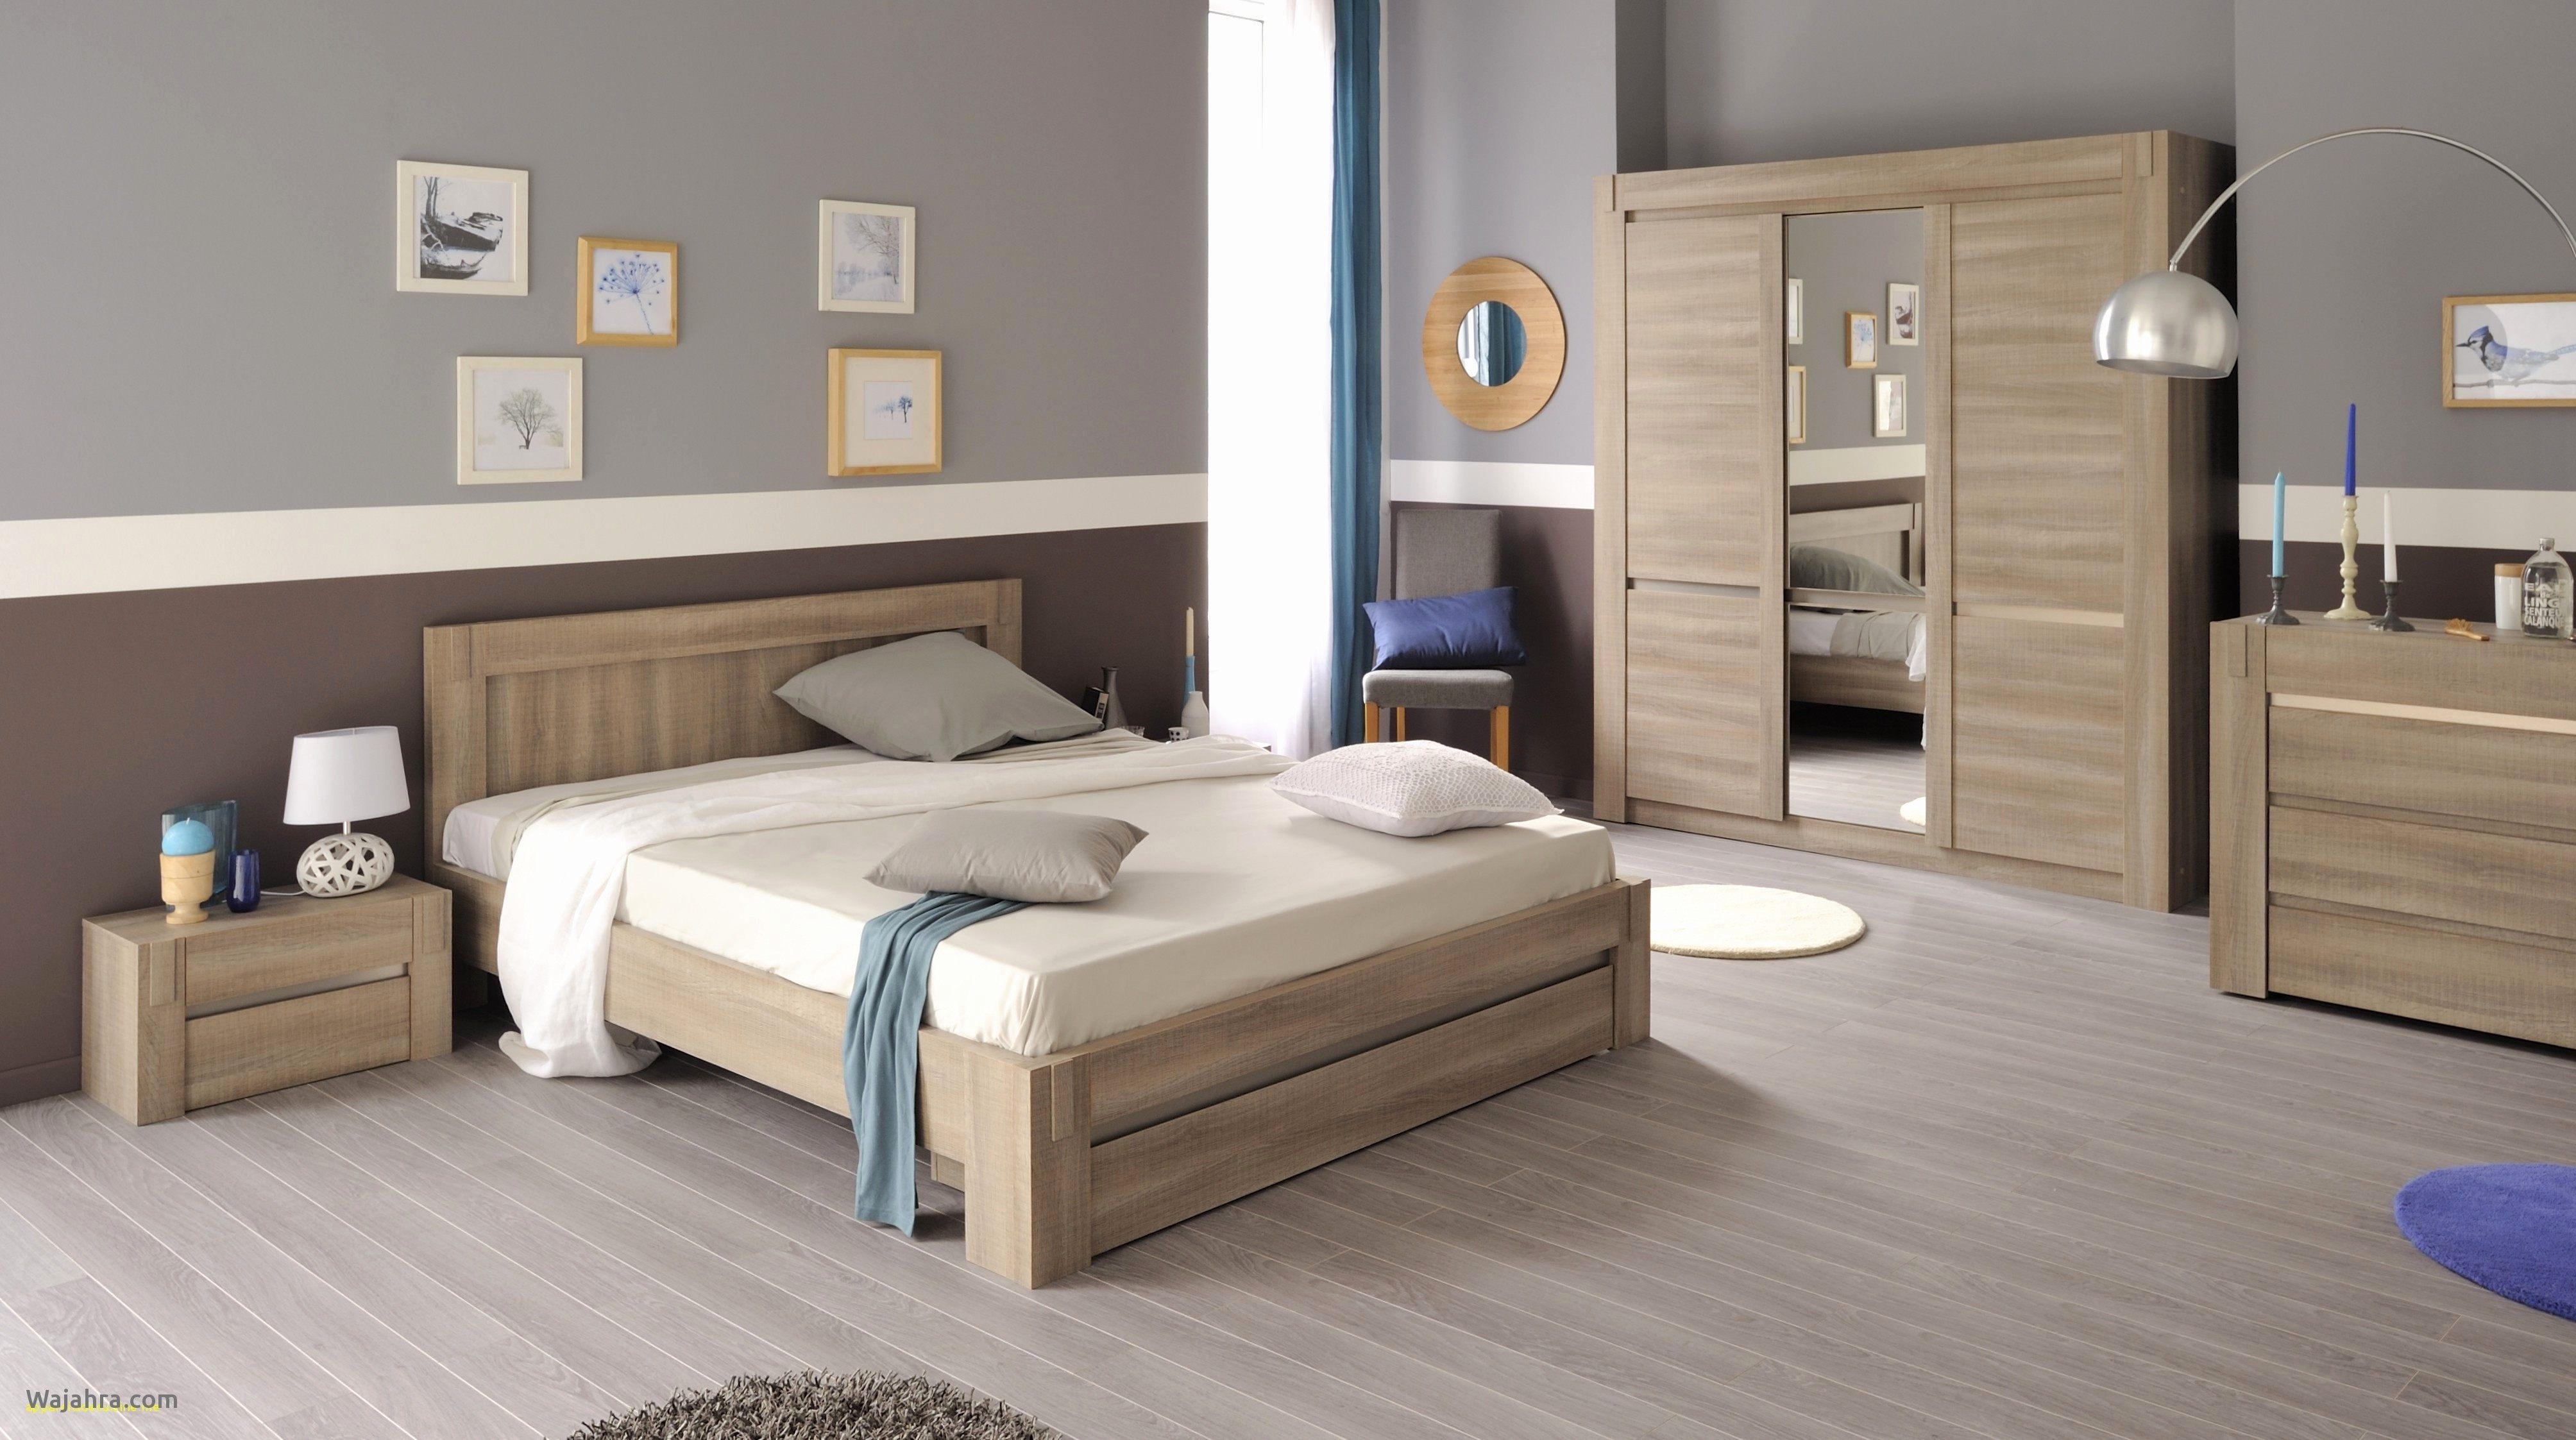 Lit Suspendu Ikea Agréable Armoire Etagere Chambre Génial Etagere Chambre Ikea Frais Stock